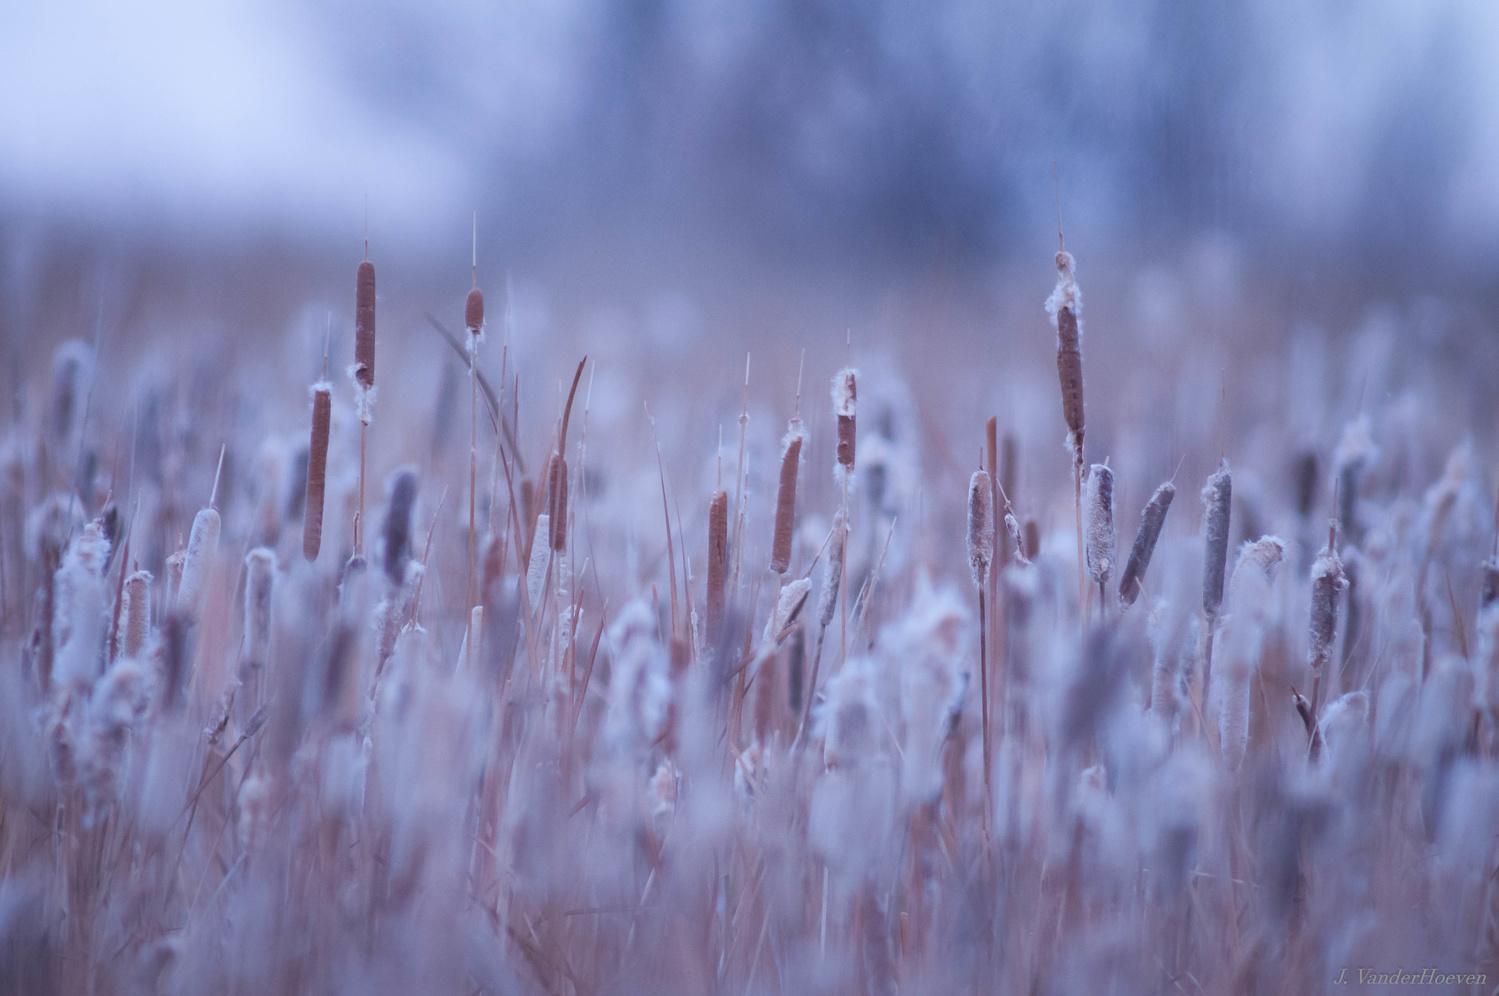 Morning Wetlands by Jake VanderHoeven